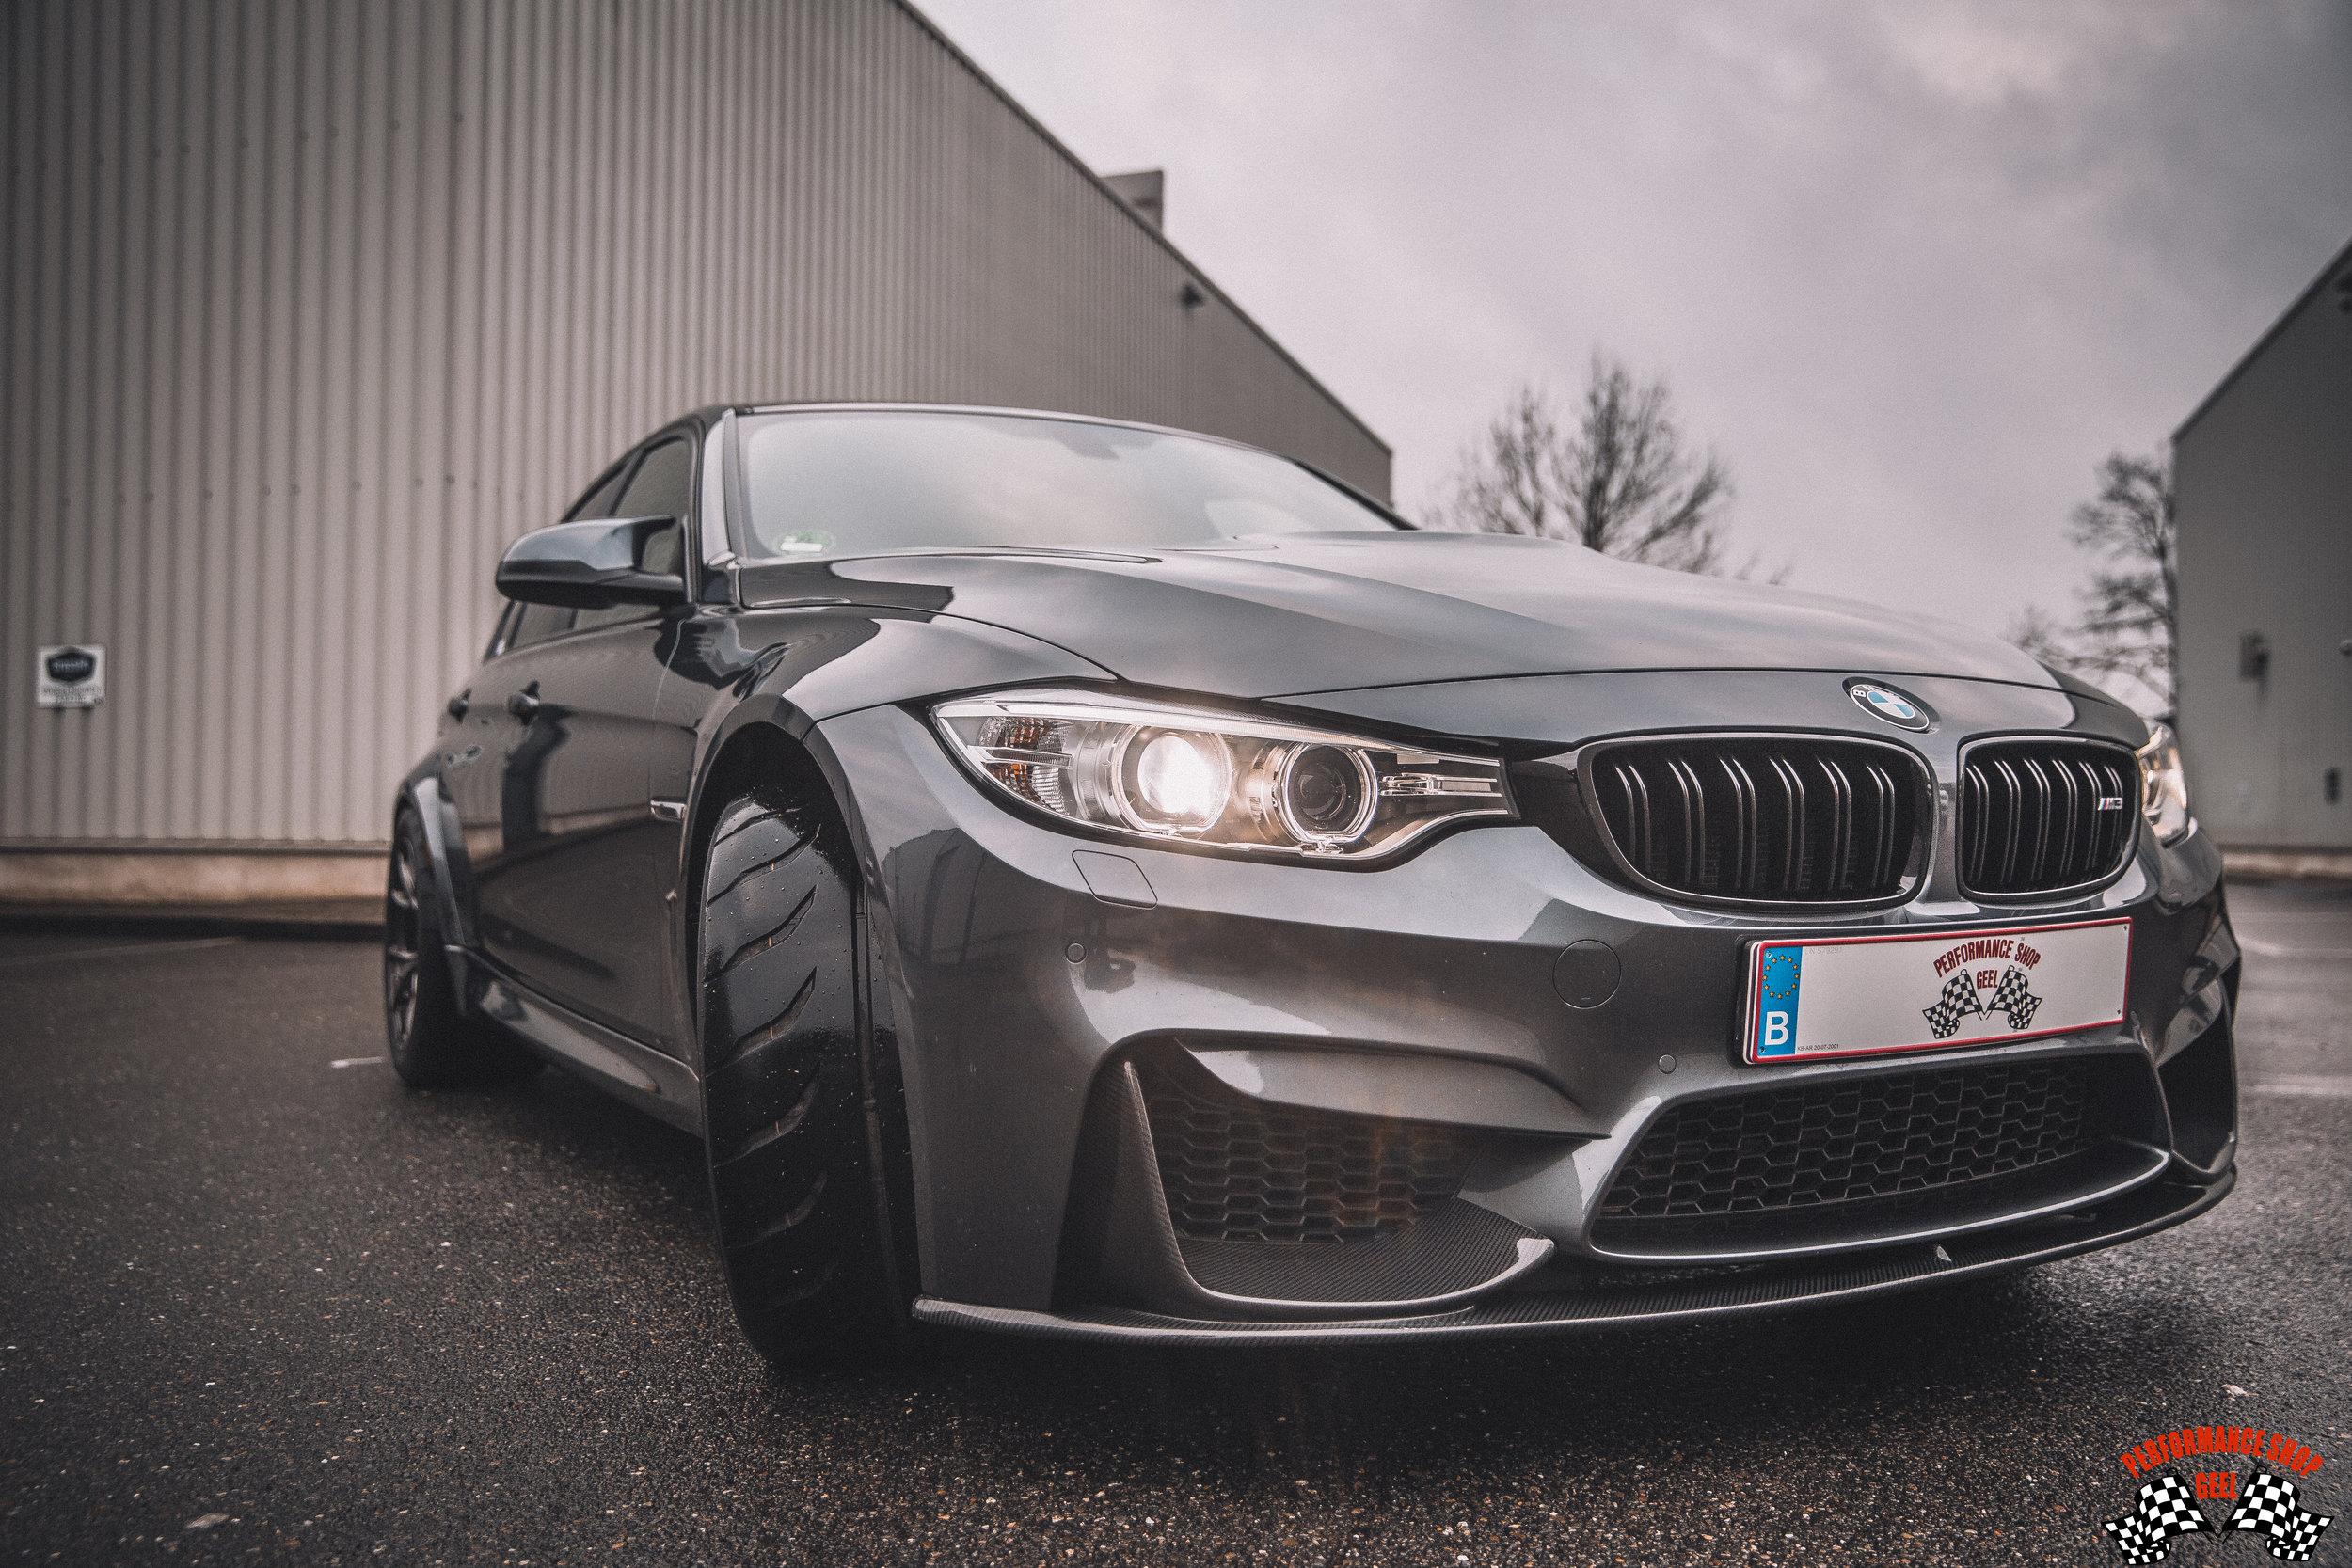 Aanvankelijk… - werden die upgrades thuis op de inrit uitgevoerd, maar daar liep Frits al snel tegen te veel beperkingen aan. De tijd brak aan om het allemaal wat professioneler te zien. Er werd een mooie bedrijfshal gekocht en ingericht, en Performance Shop Geel werd opgestart in 2007.De werken gingen zich dus niet meer beperken tot de eigen BMW's. Initieel was het de bedoeling om uitsluitend performance upgrades te doen, maar op vraag van klanten kwam daar ook onderhoud en herstellingen bij, en uiteindelijk werd het eigenlijk zowat alles behalve carrosseriewerk.